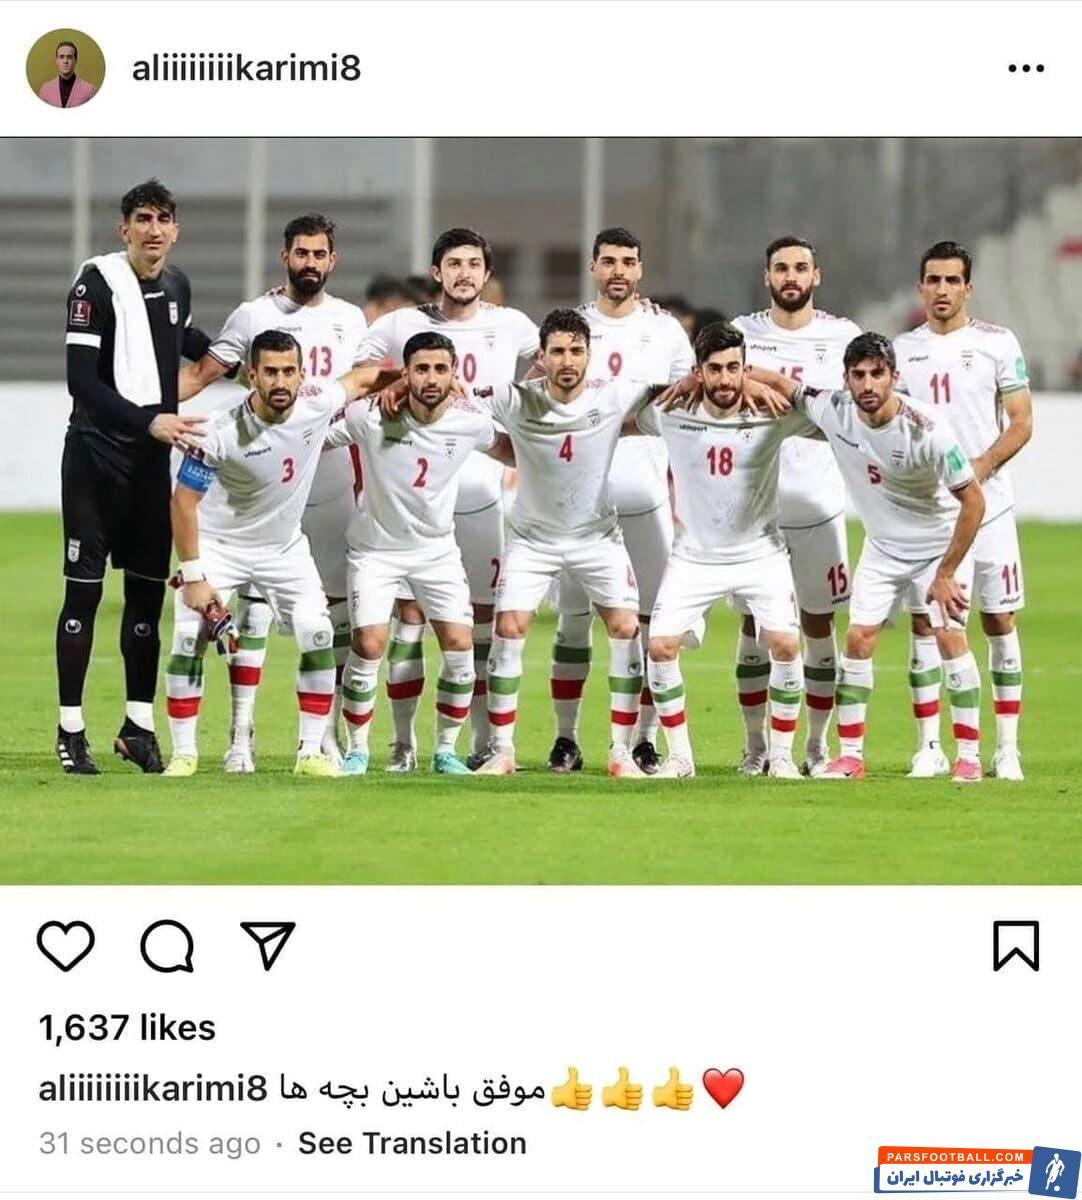 آرزوی موفقیت علی کریمی برای بازیکنان تیم ملی ایران